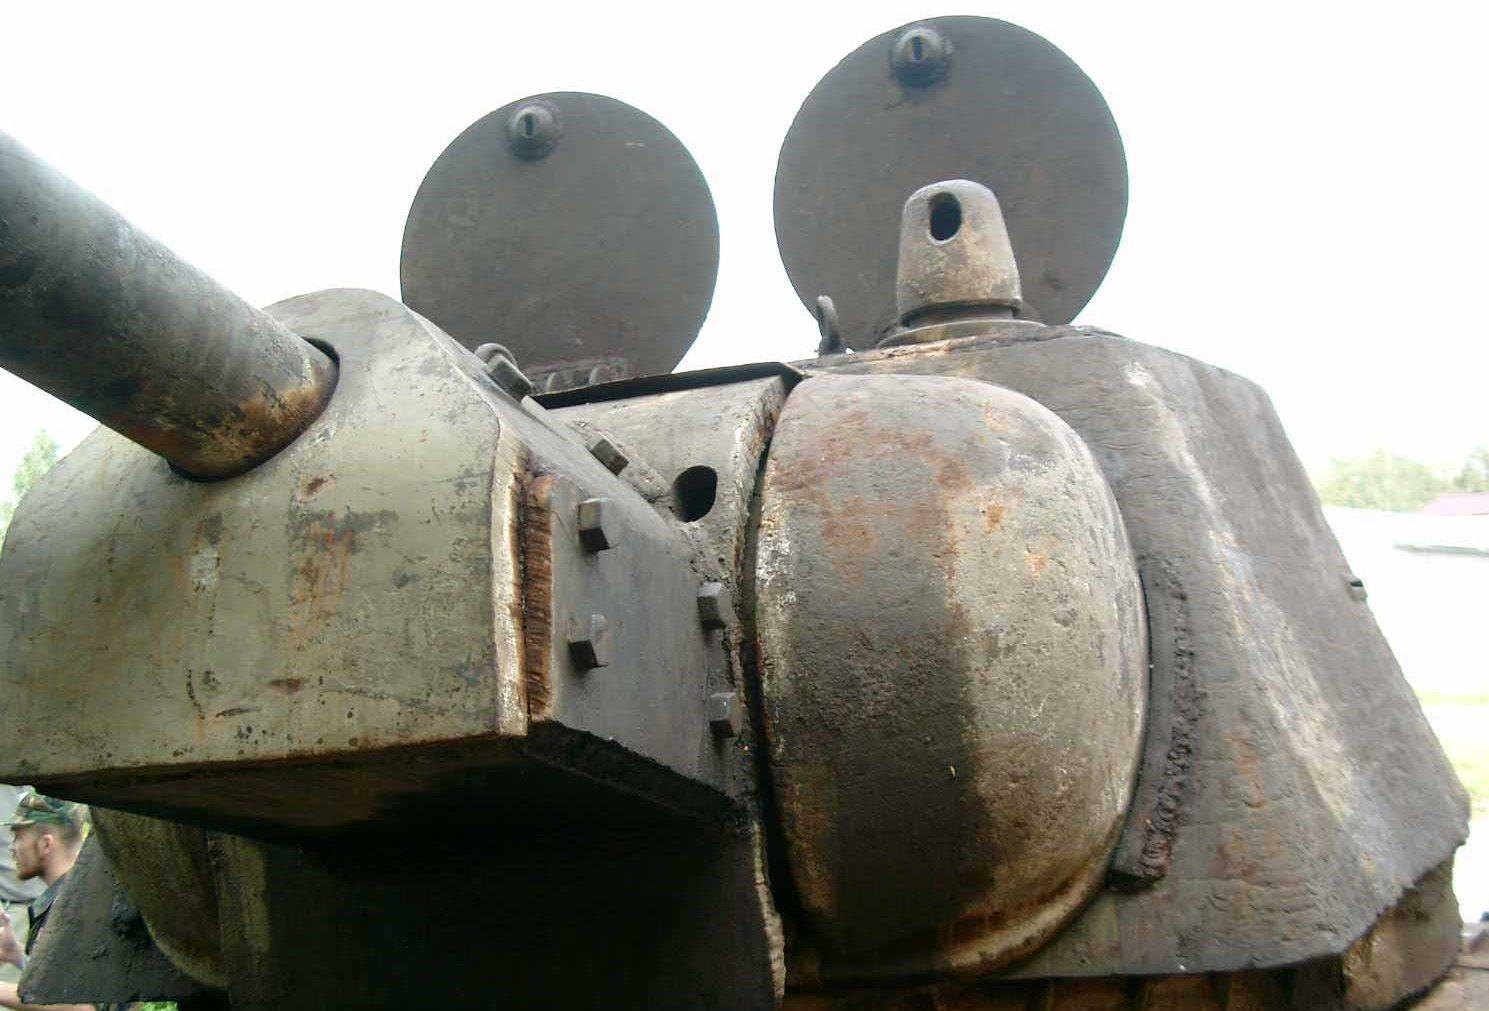 Танк Т-34/76, открытые люки башни